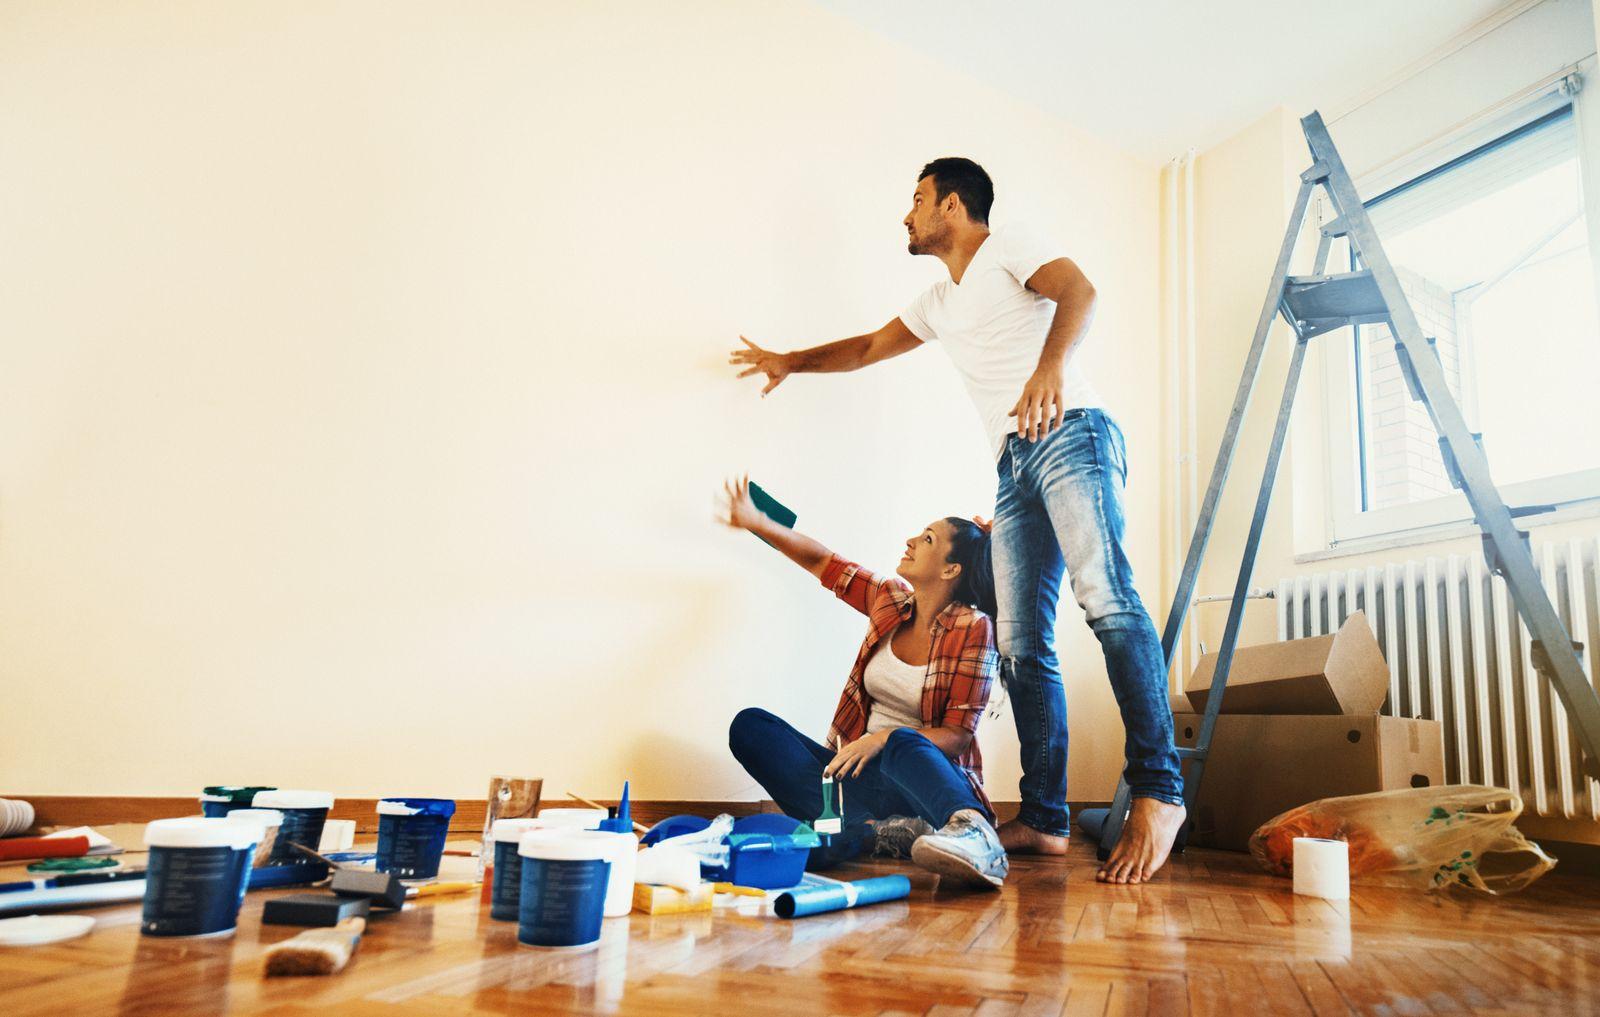 repeindre son nouveau logement après un déménagement